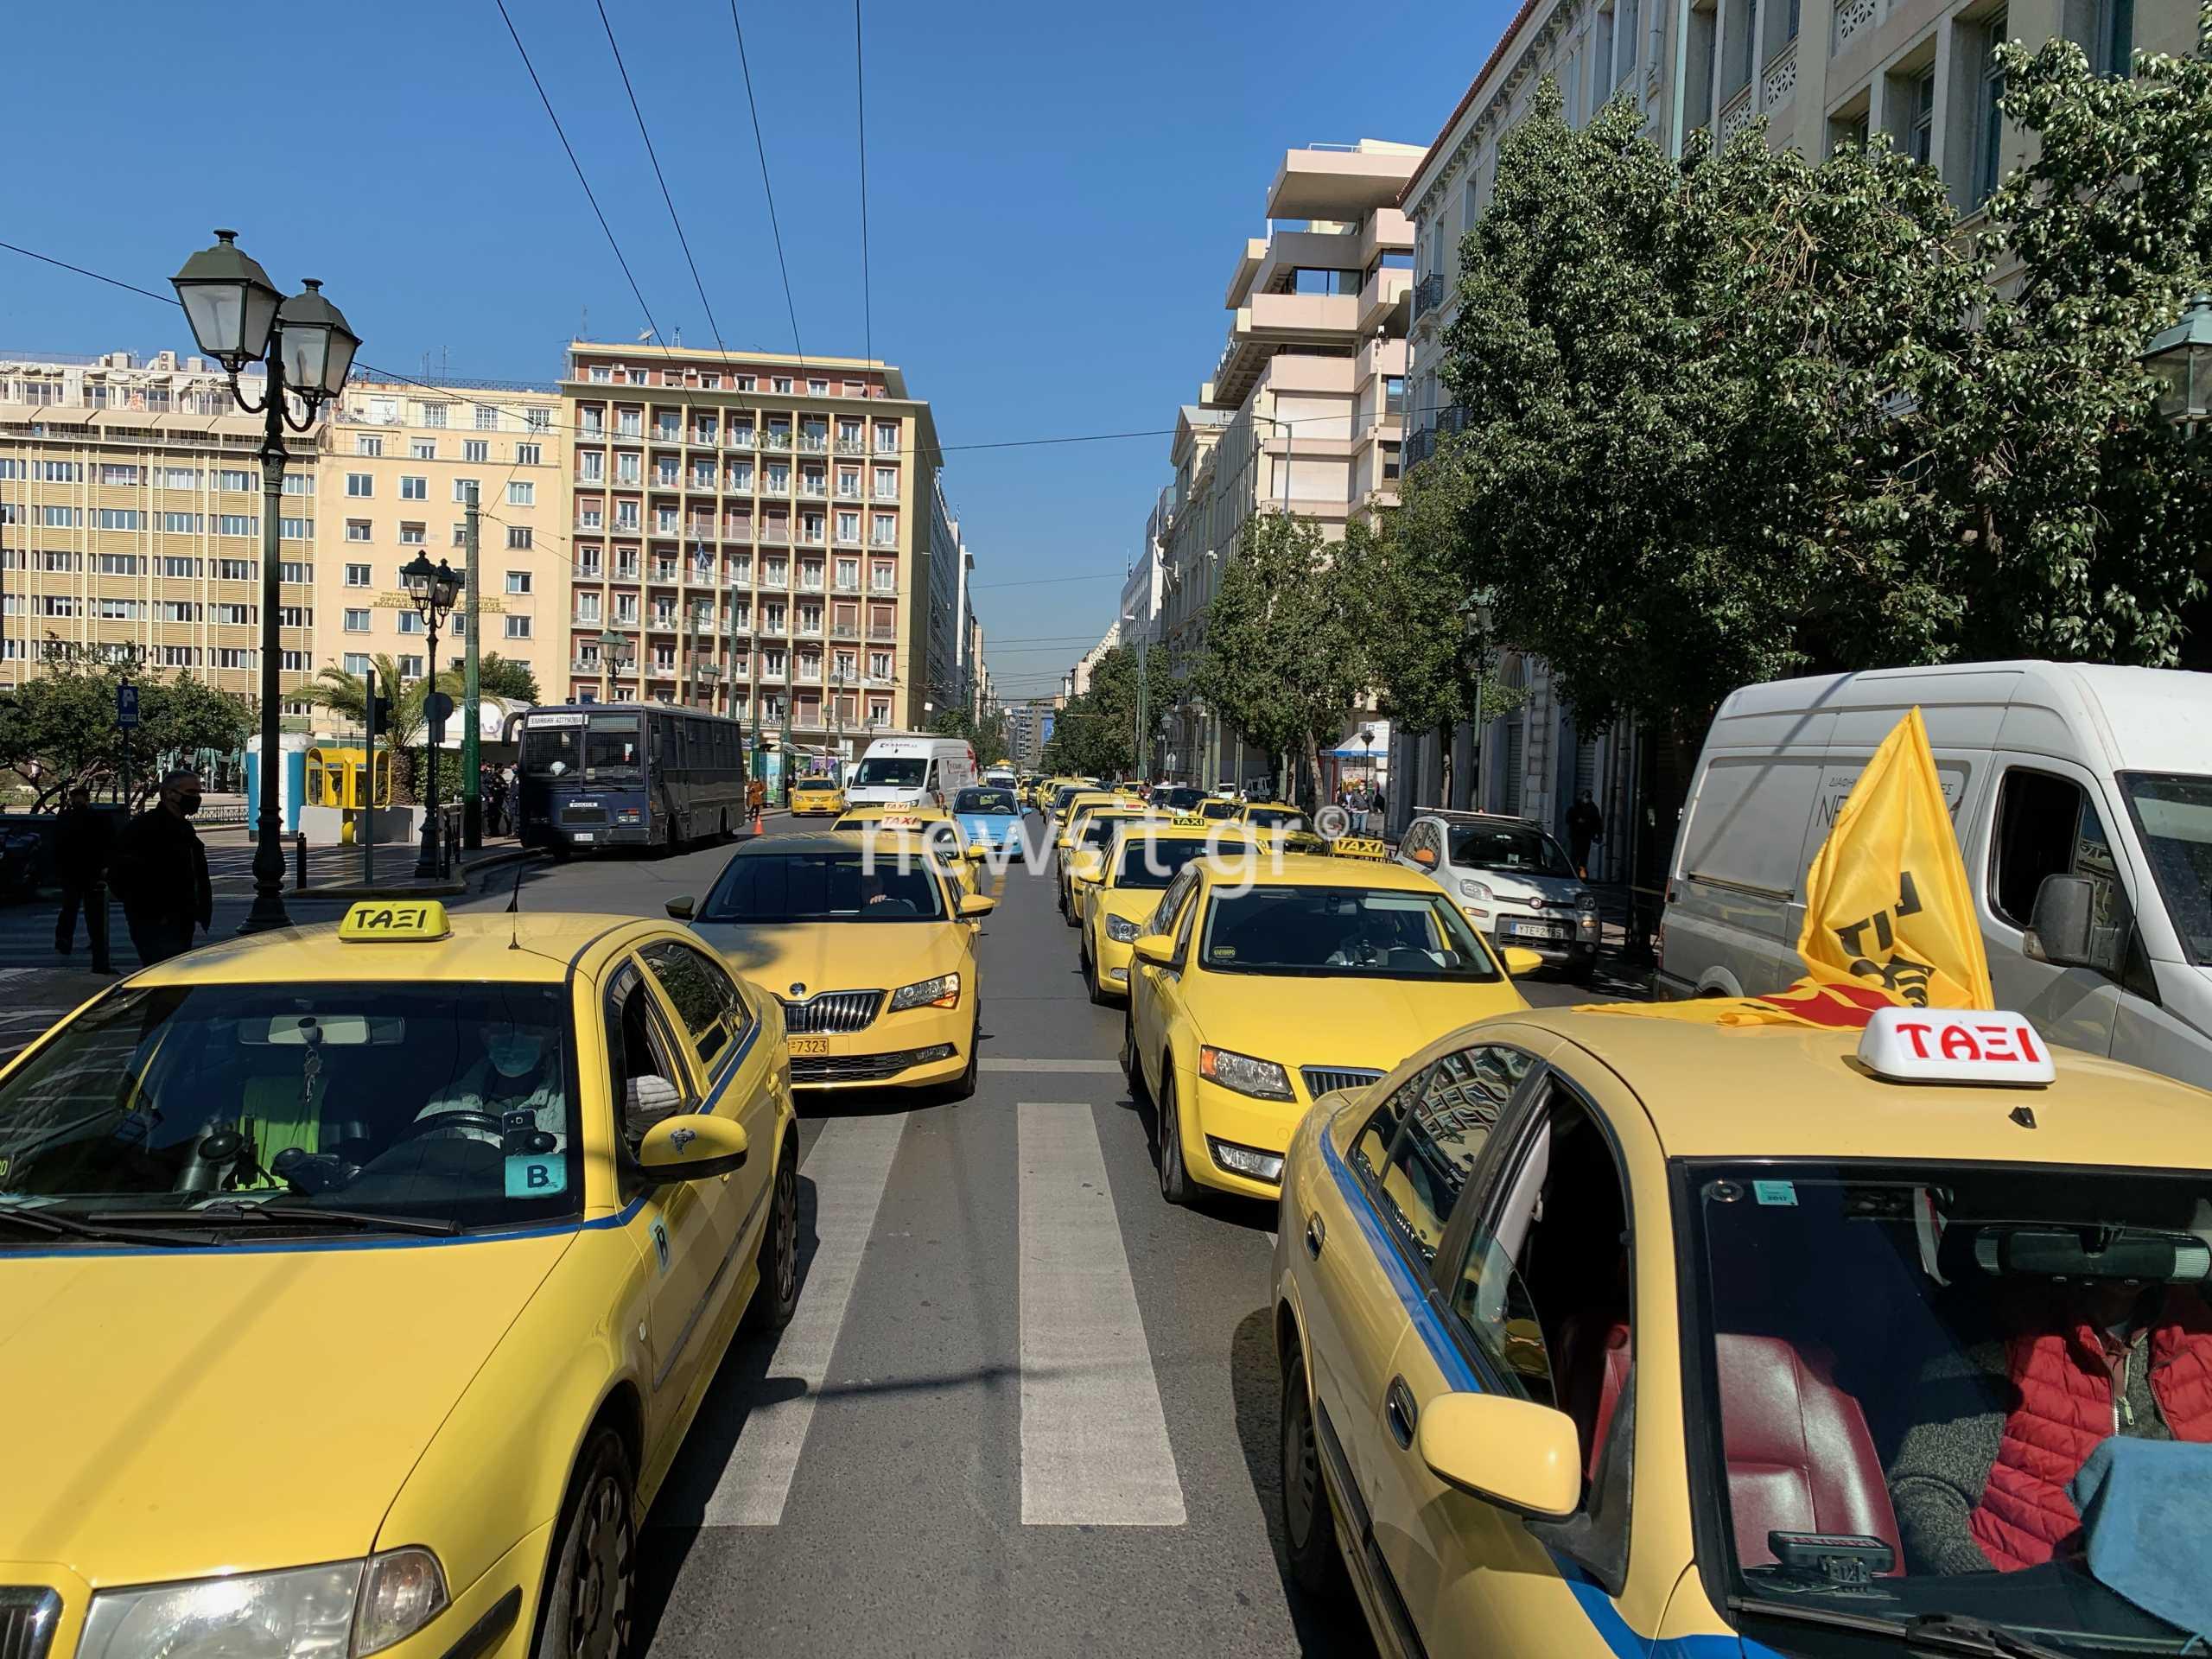 Πορεία ταξί στο κέντρο της Αθήνας (pics)